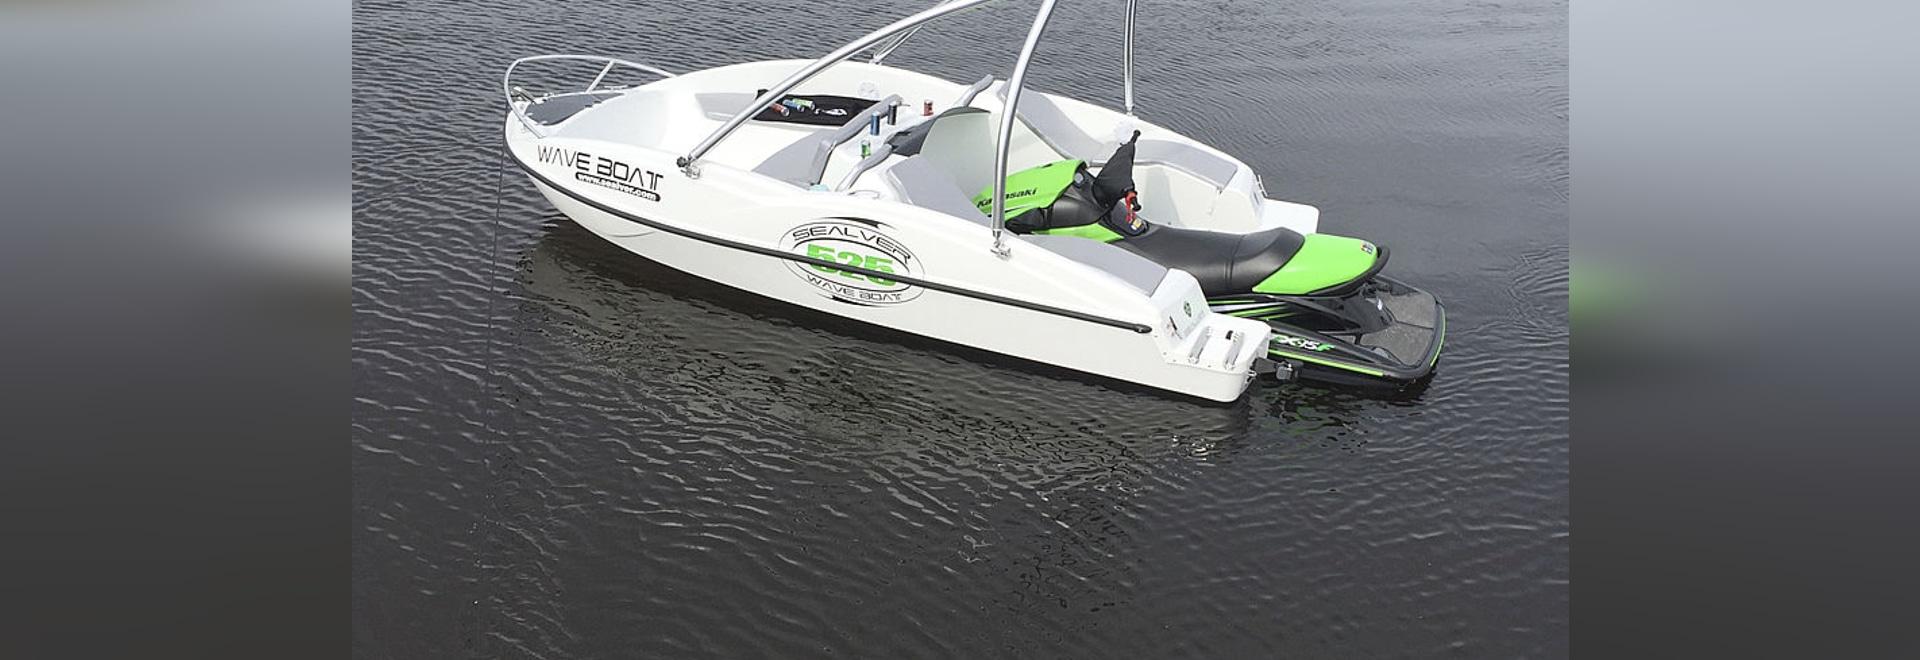 Sealver powered by Kawasaki